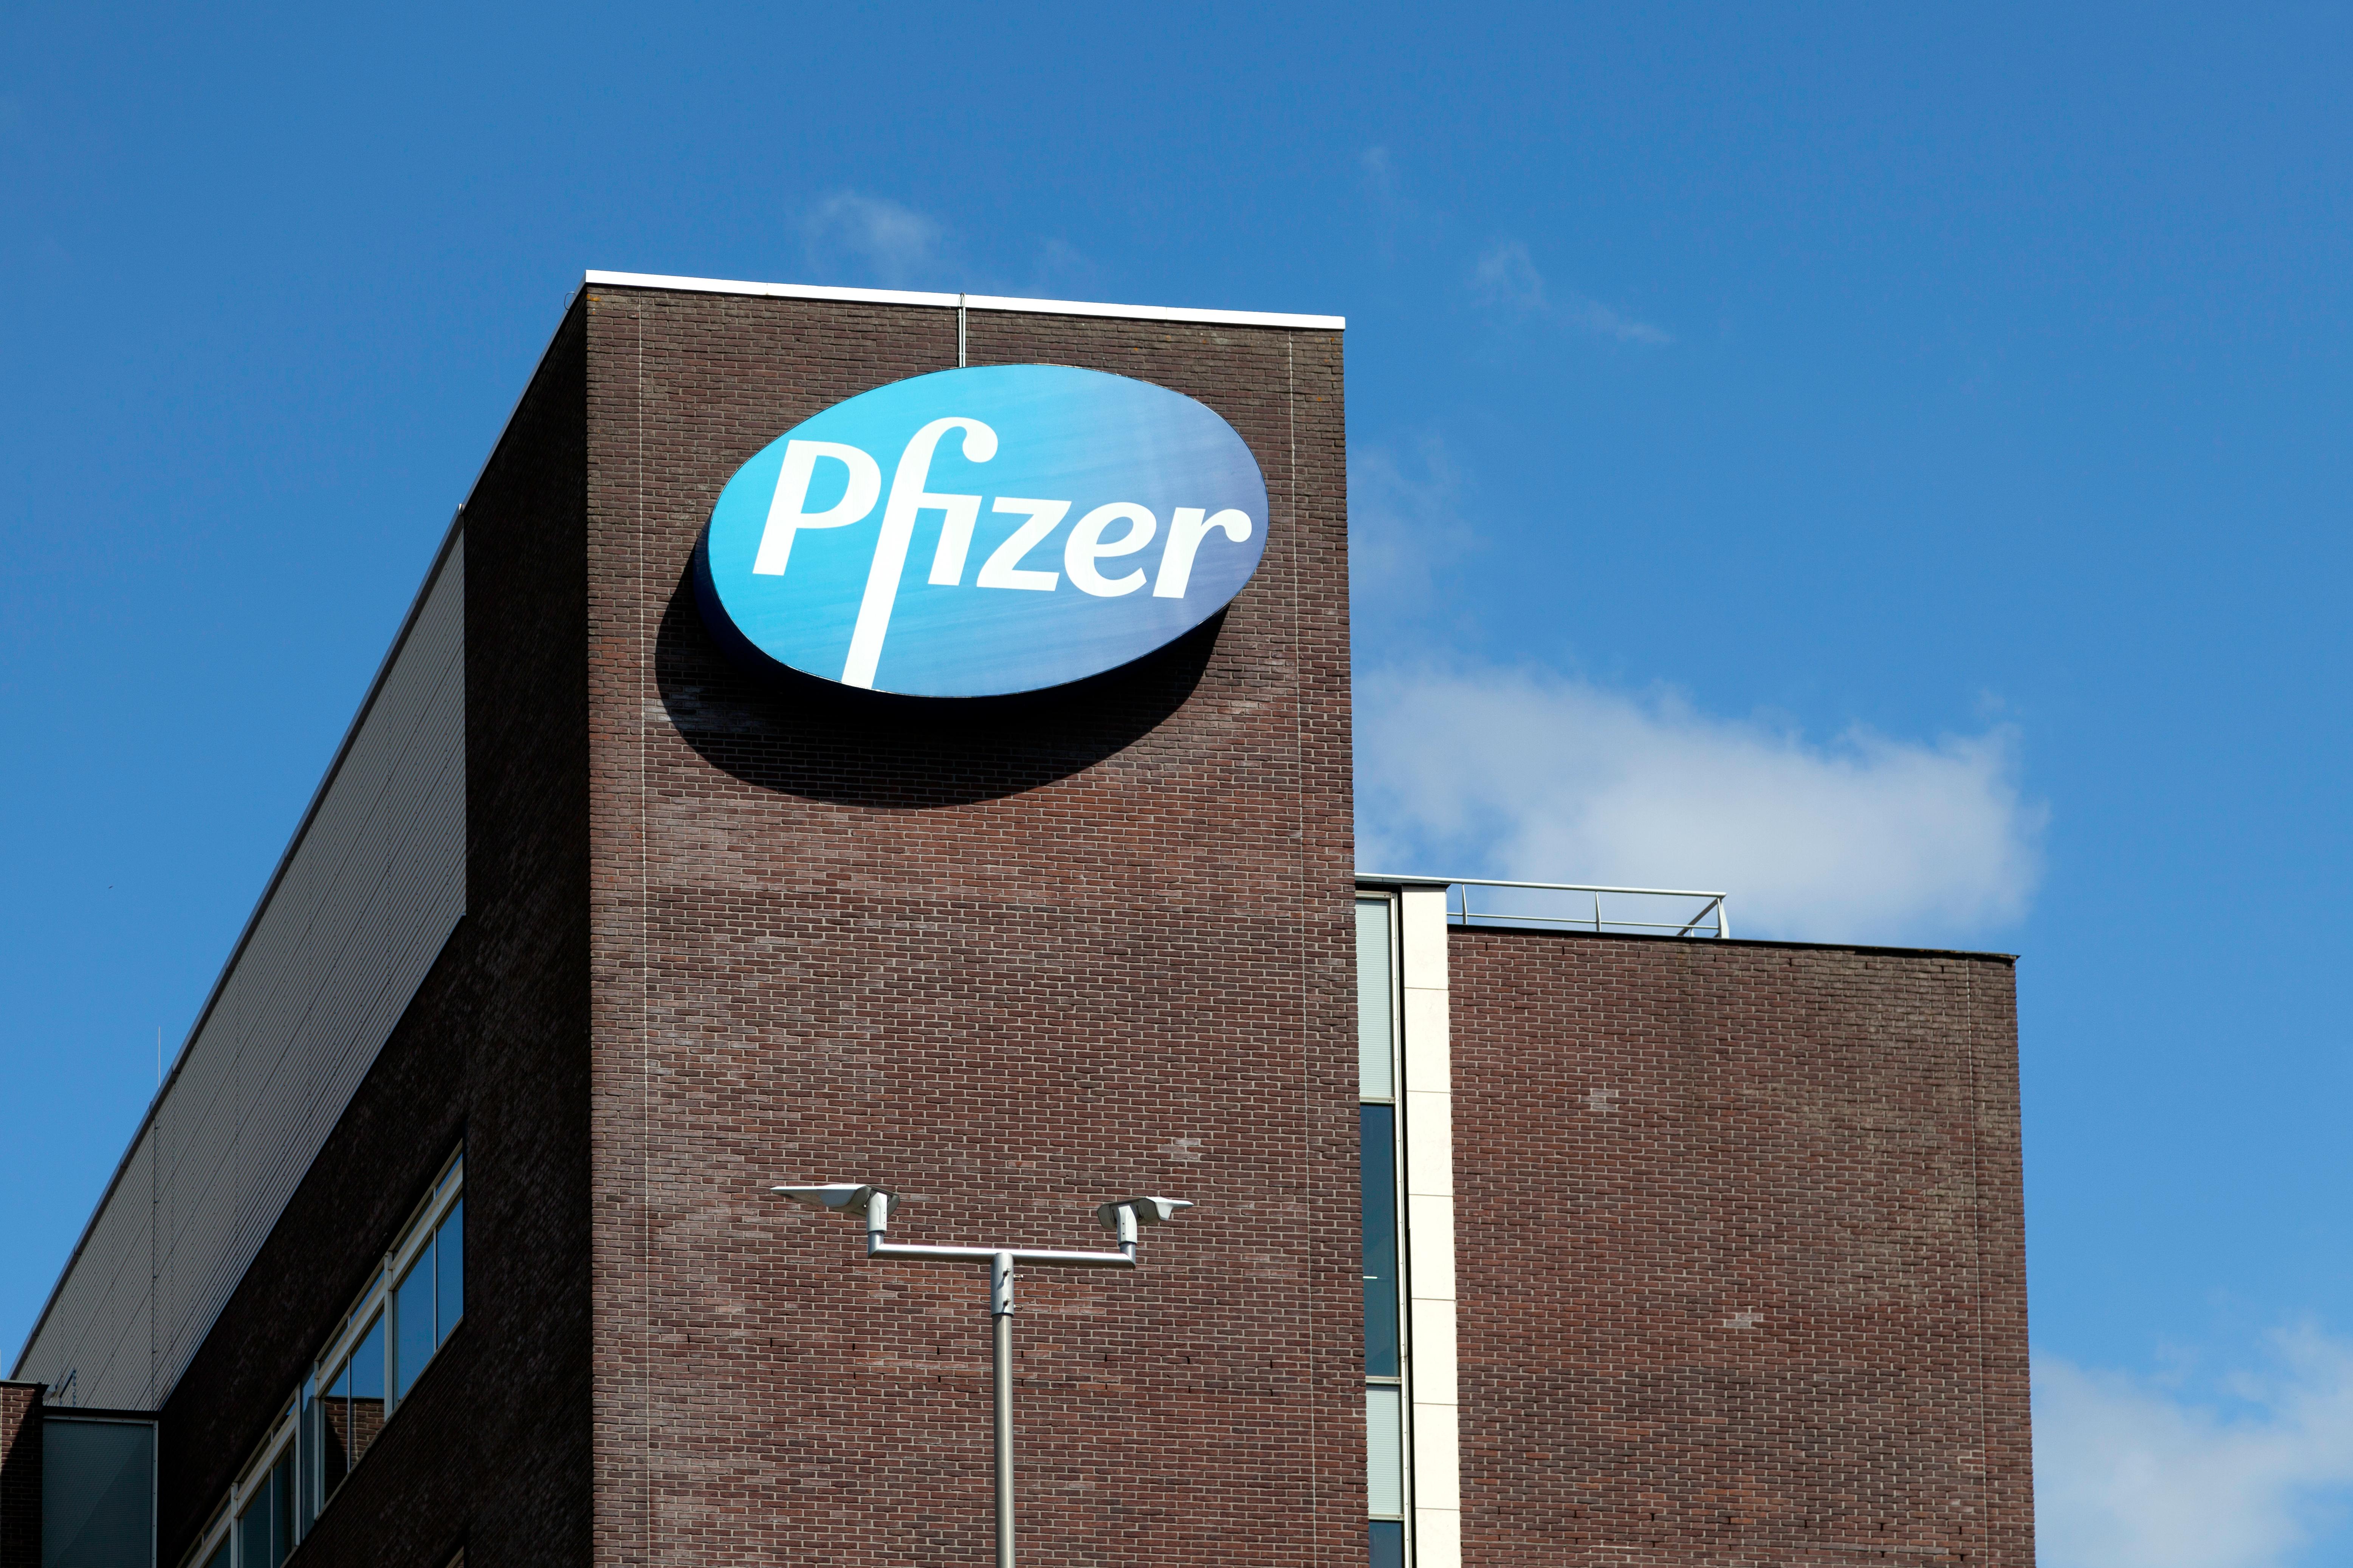 Pfizer a început un studiu clinic pentru un medicament anti-COVID. Cum funcționează